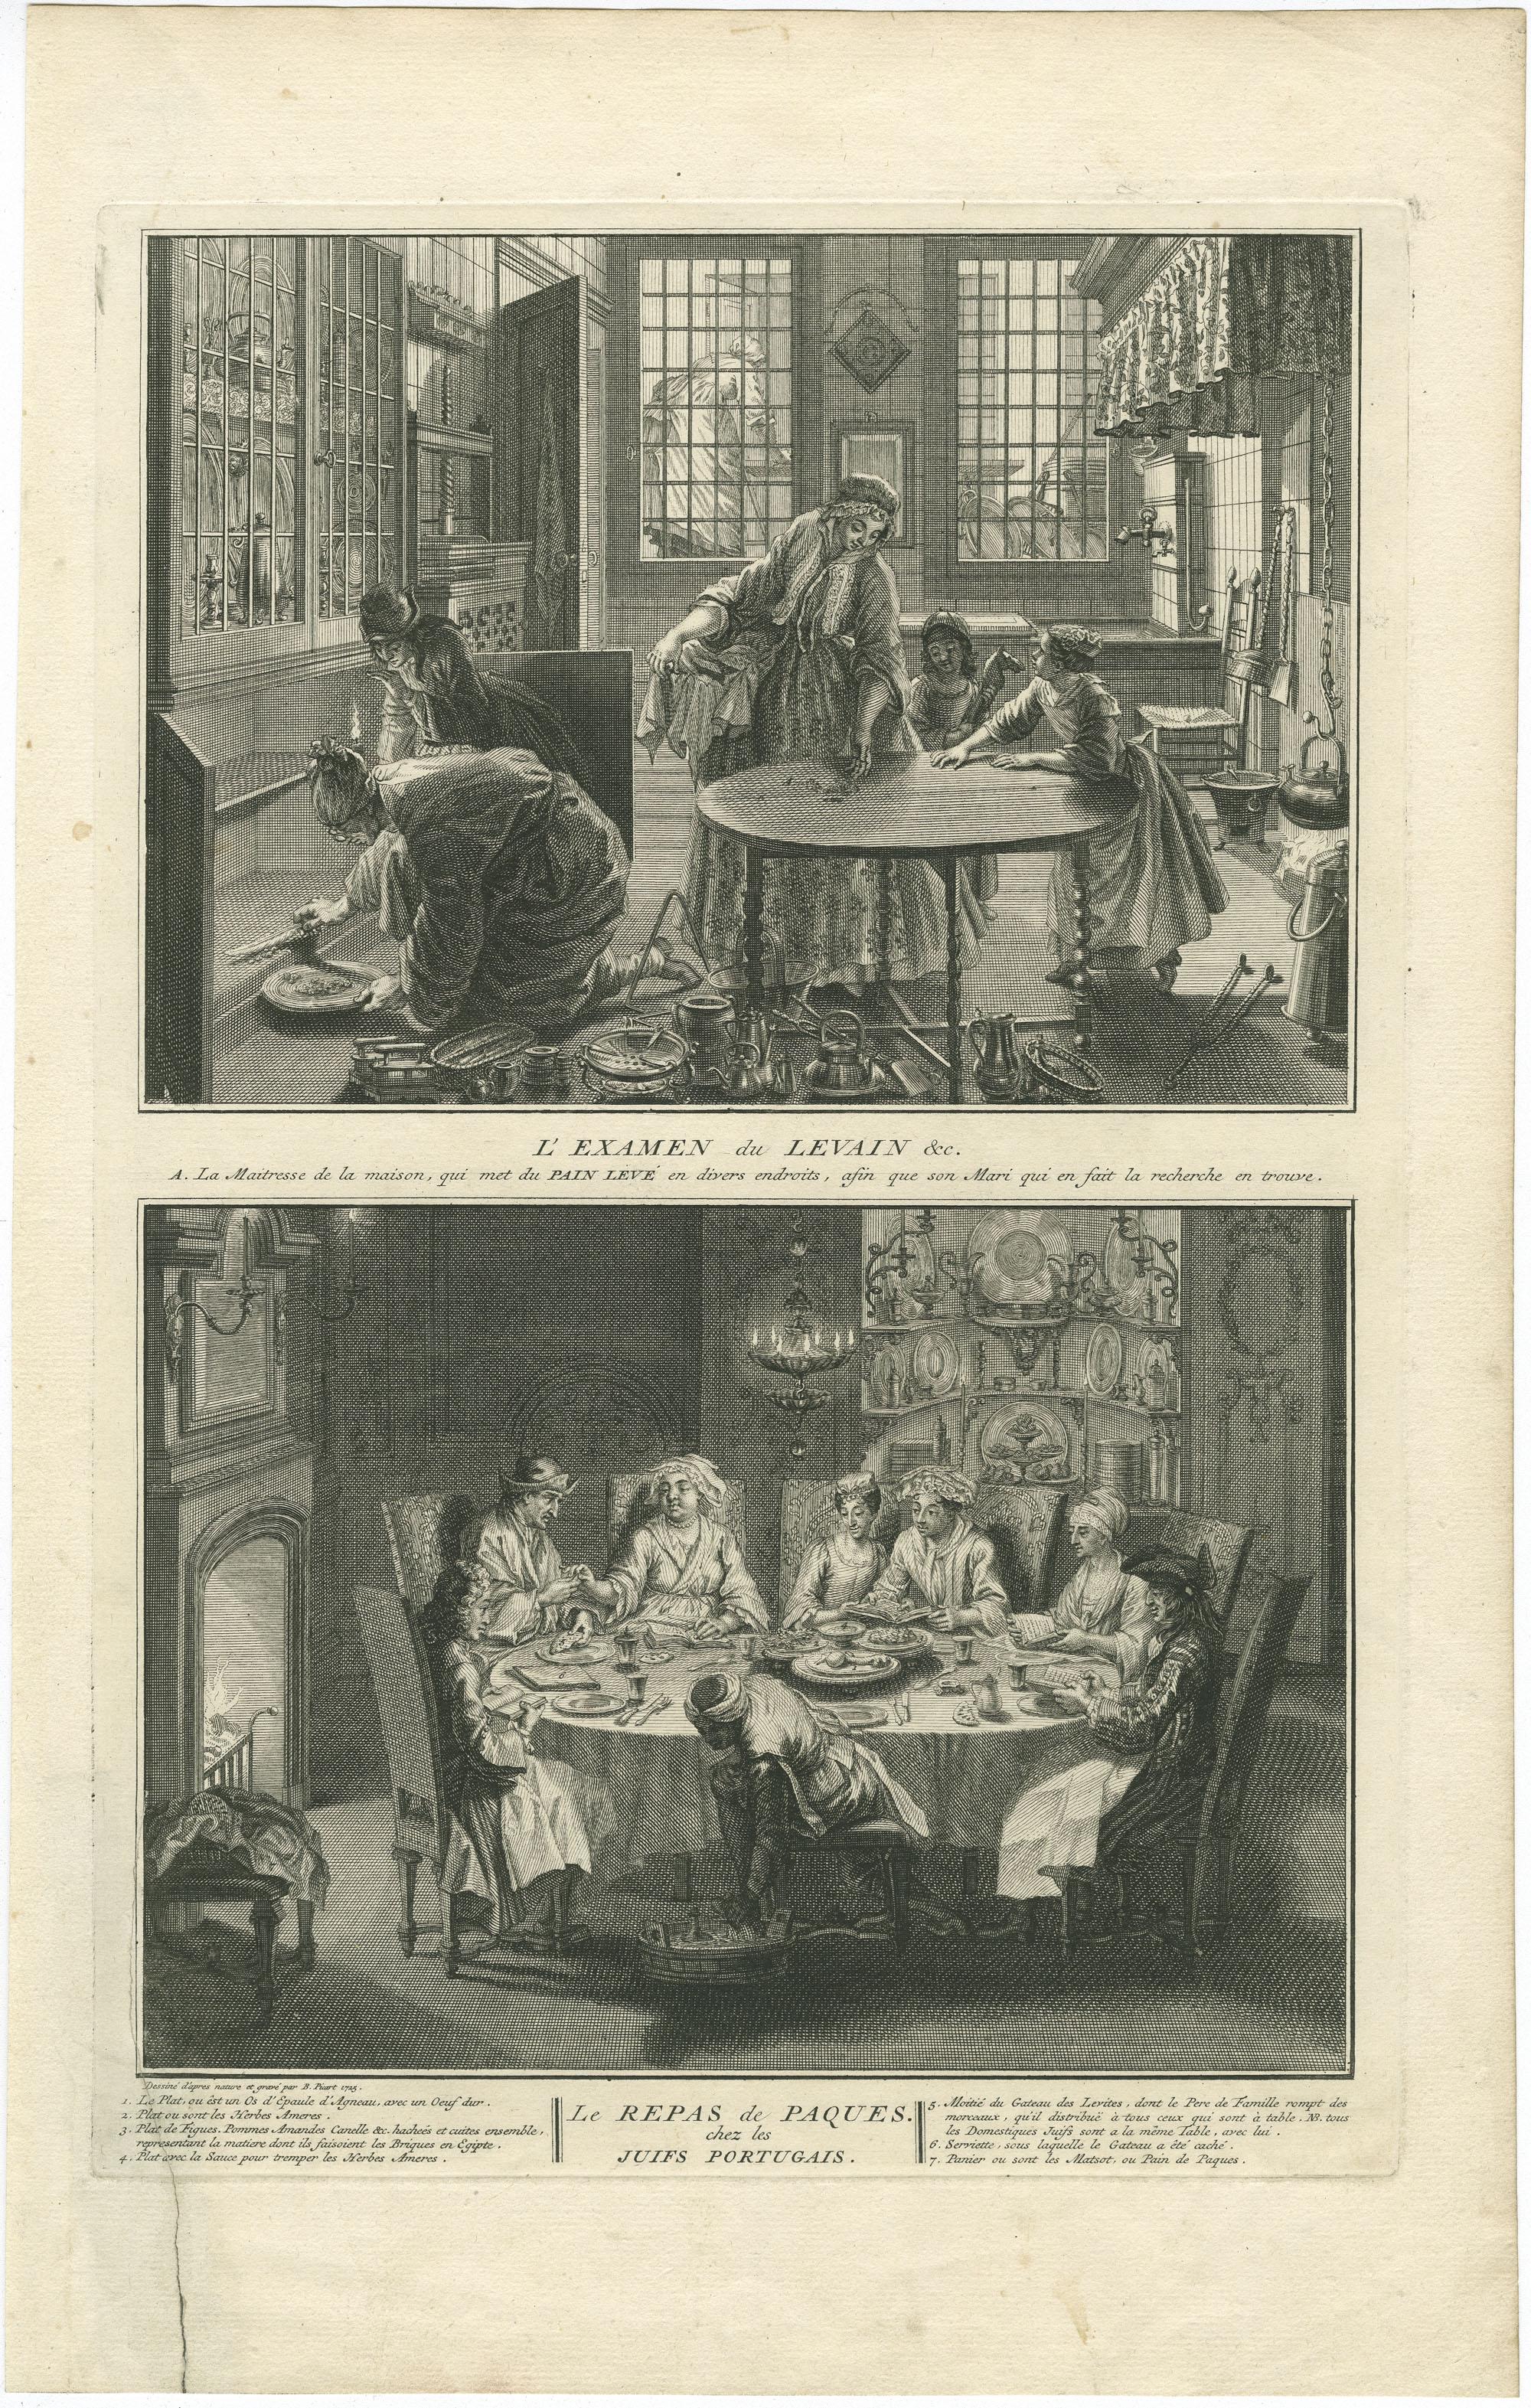 L'Examen du Levain &c. / Le Repas de Paques chez les Juifs Portugais